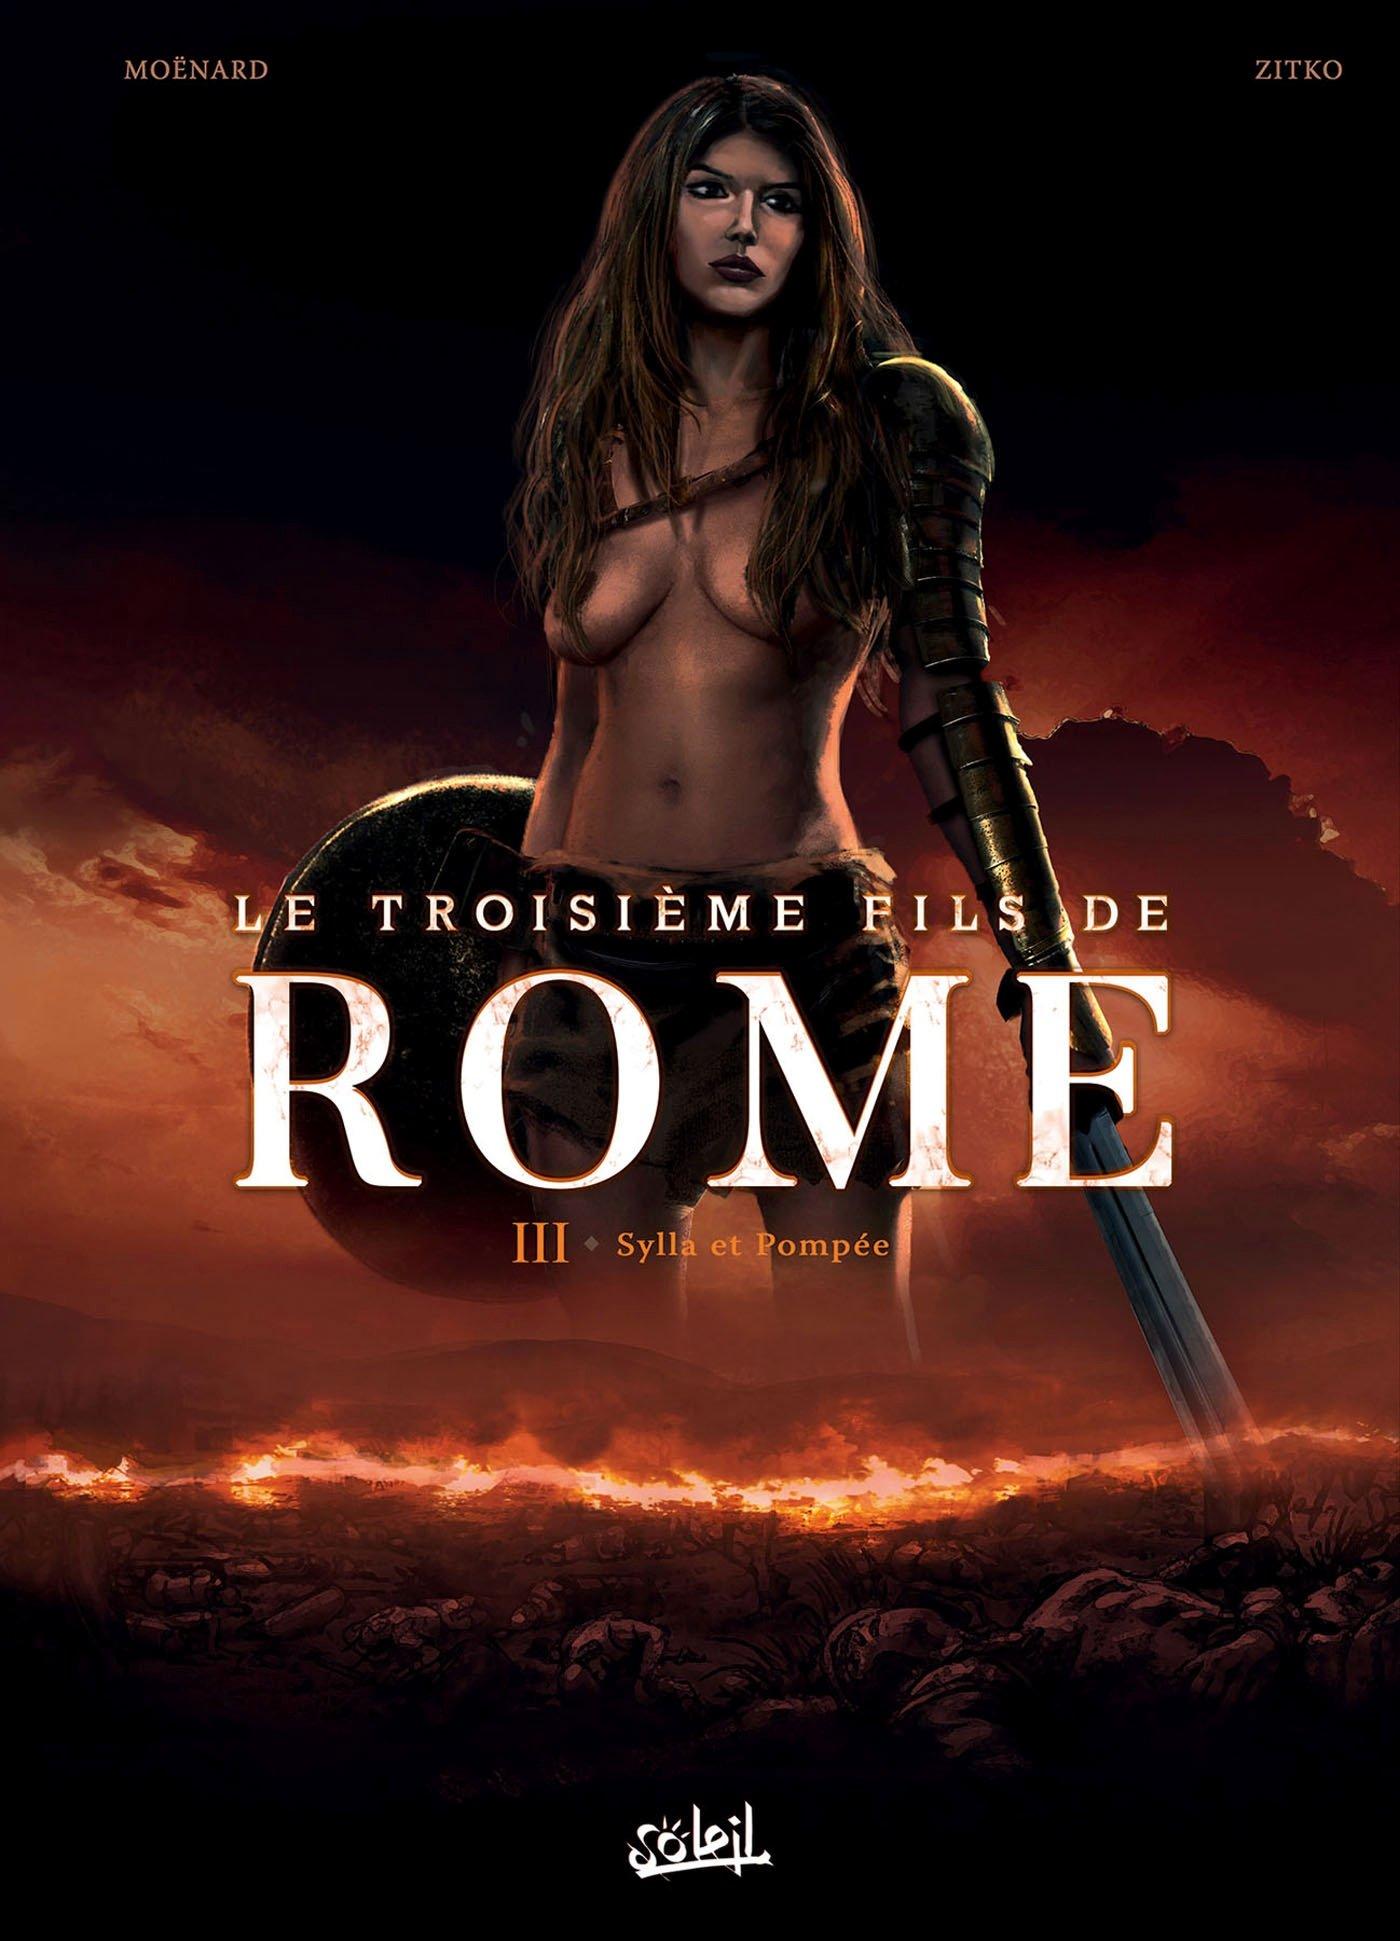 Le troisième fils de Rome 3 - Sylla et Pompée